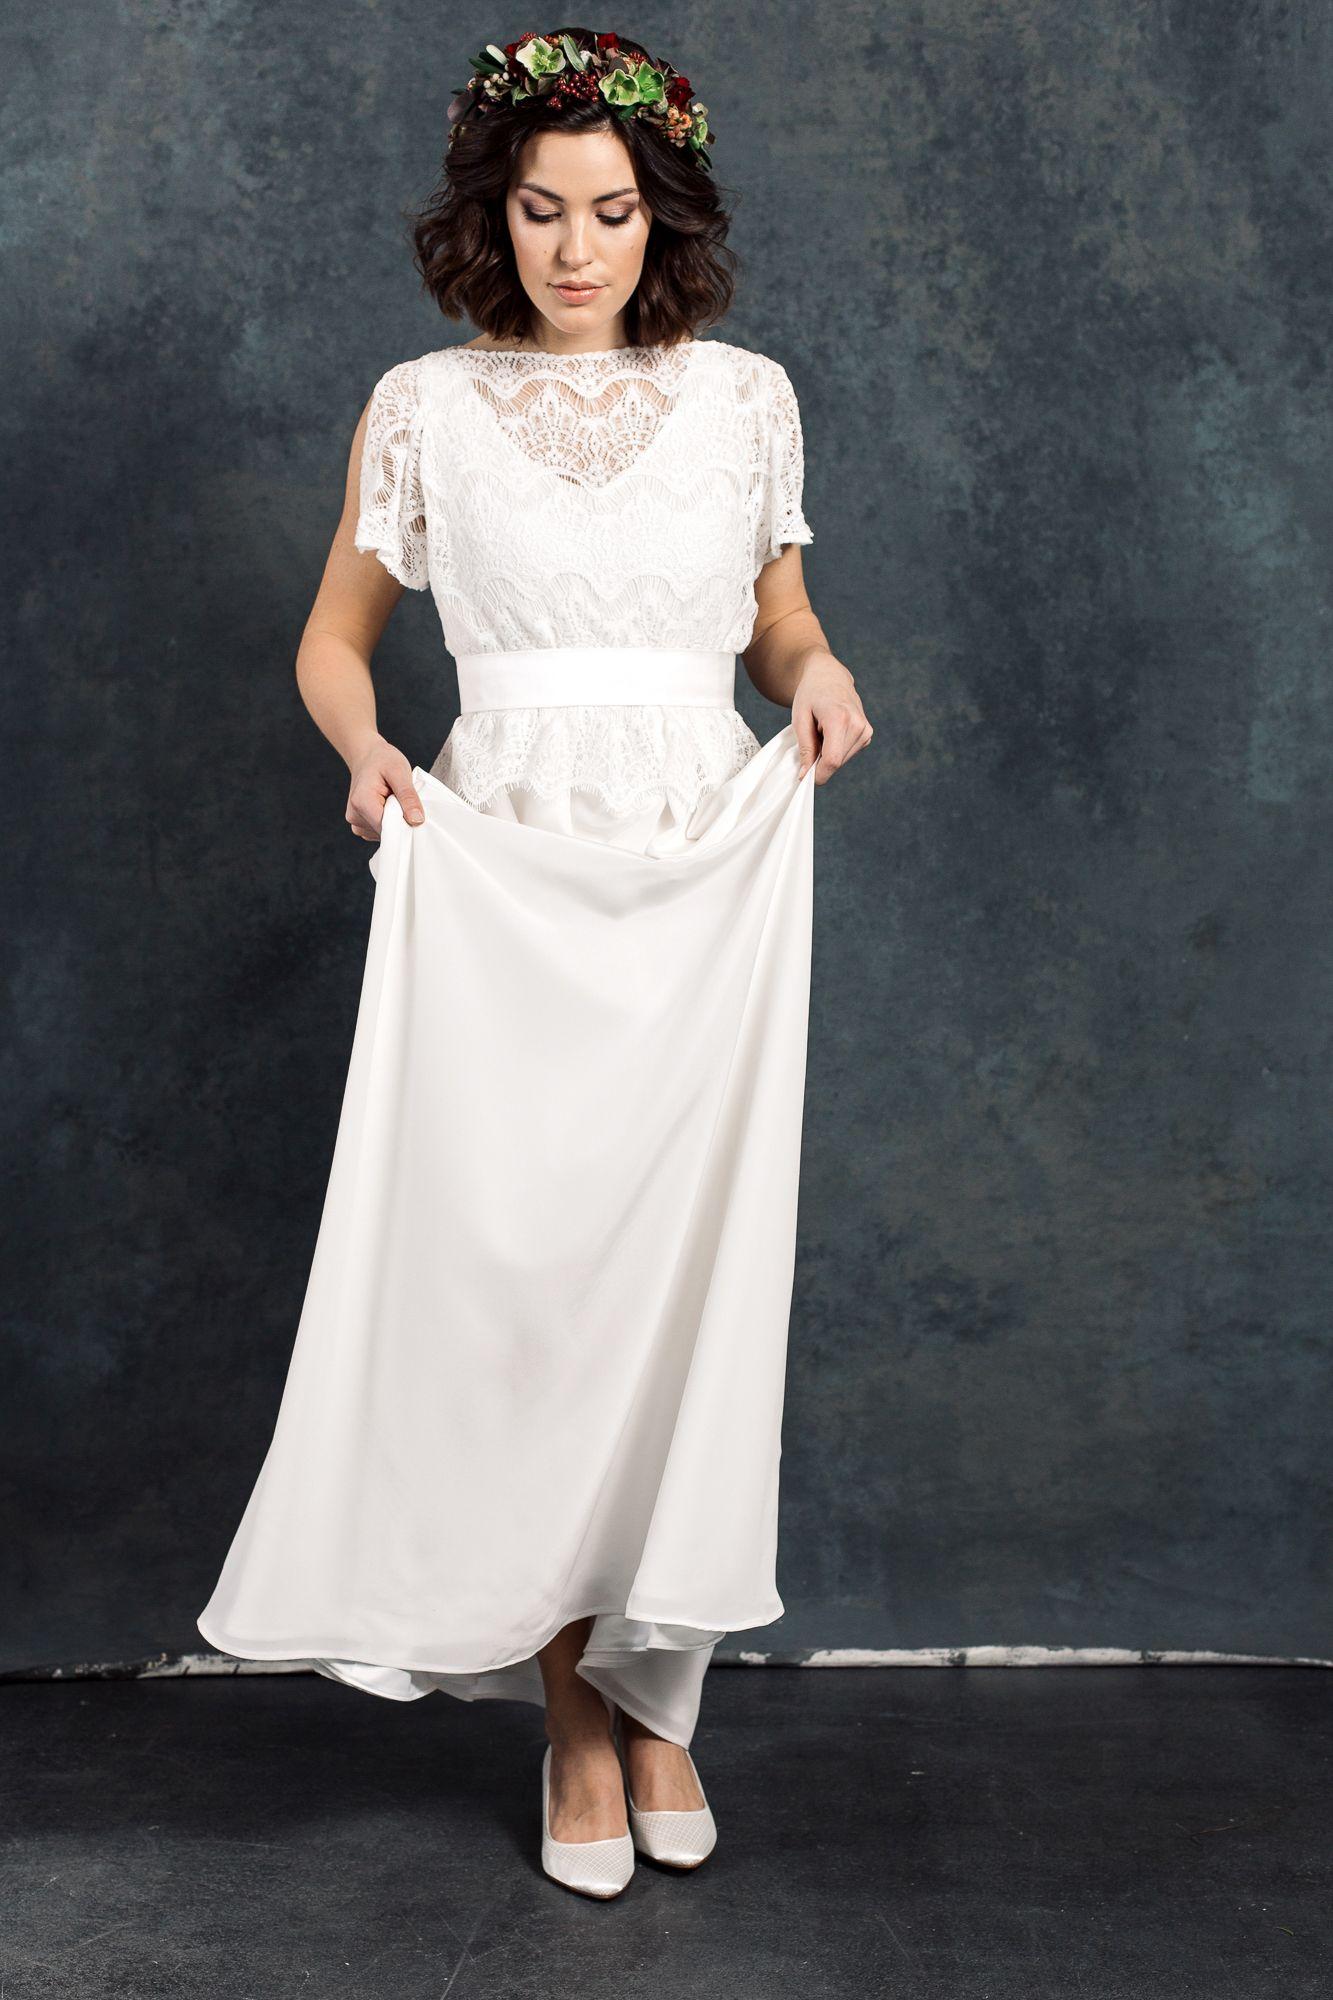 Labude Brautkleid Viola - Bridal Dress Boho- Vintagestil Lace Top ...